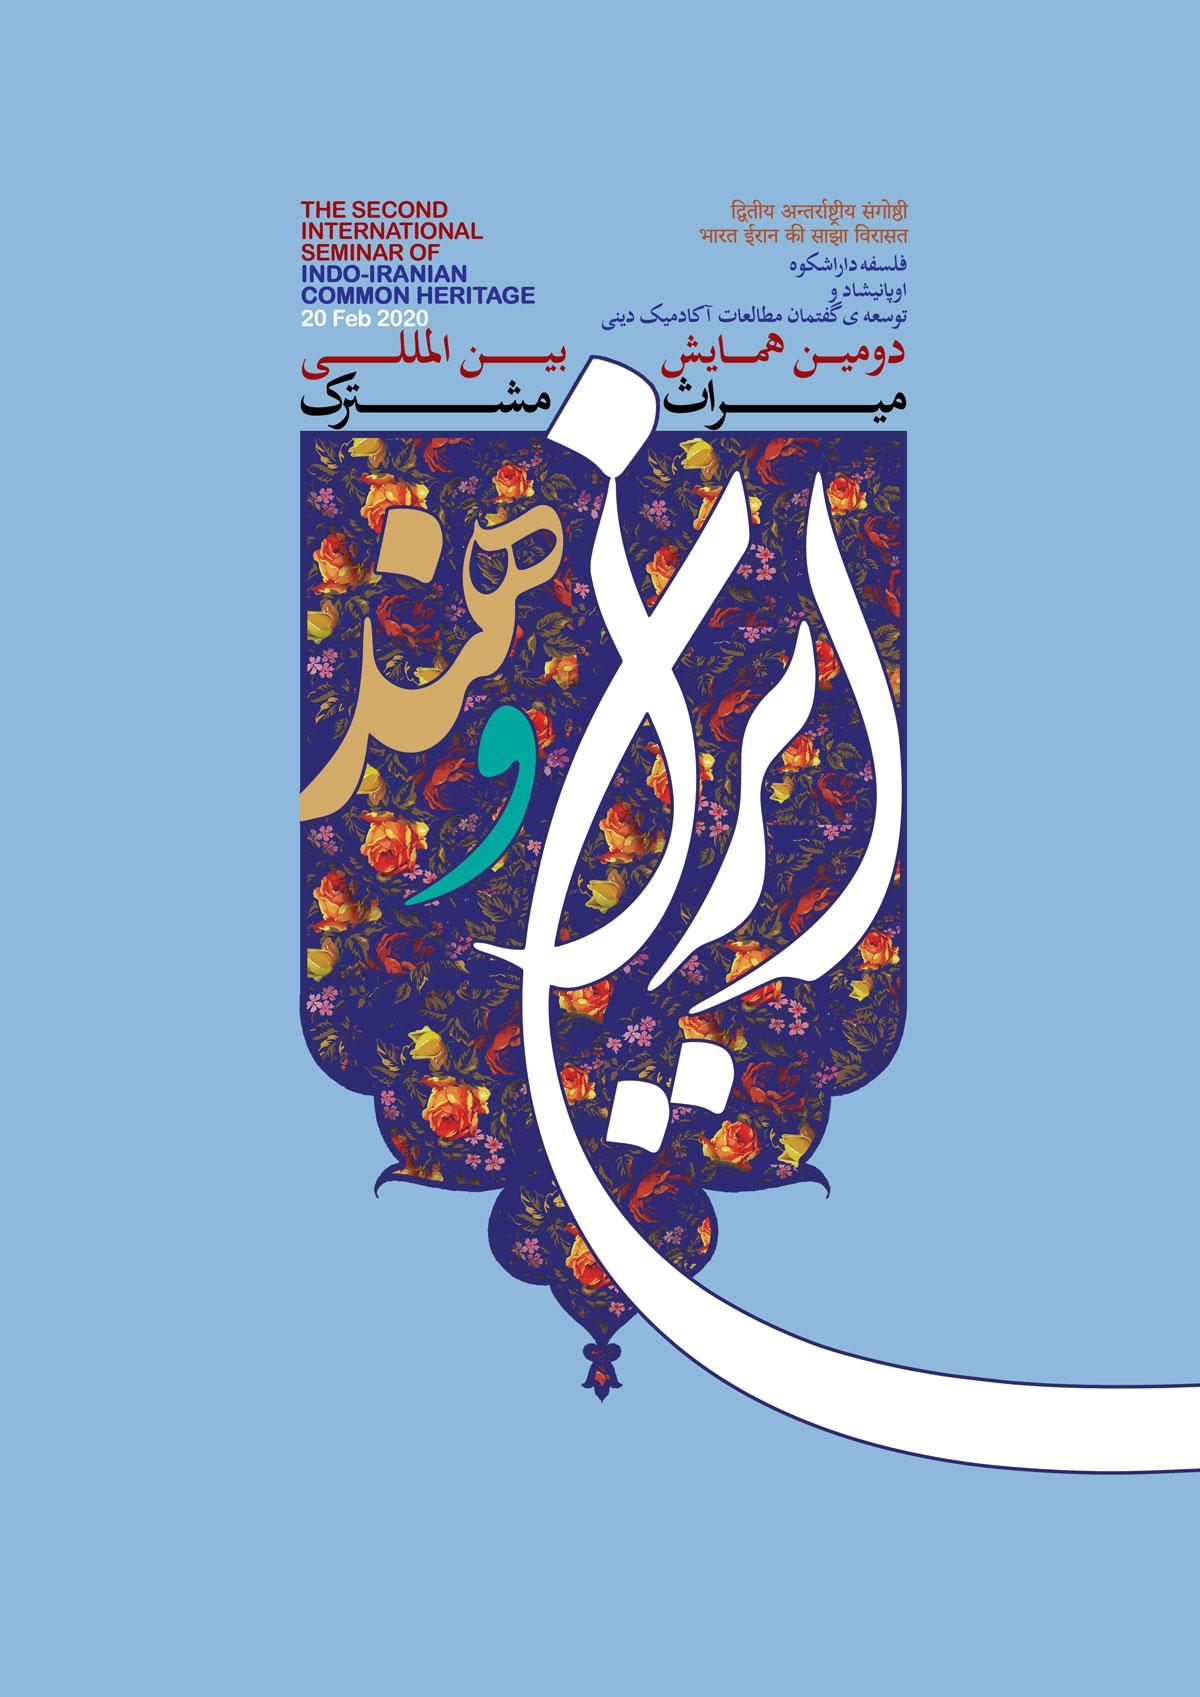 دومین همایش بین المللی میراث مشترک ایران و هند با رویکرد دارا شکوه، فلسفه اوپانیشاد و توسعه گفتمان مطالعات آکادمیک دینی